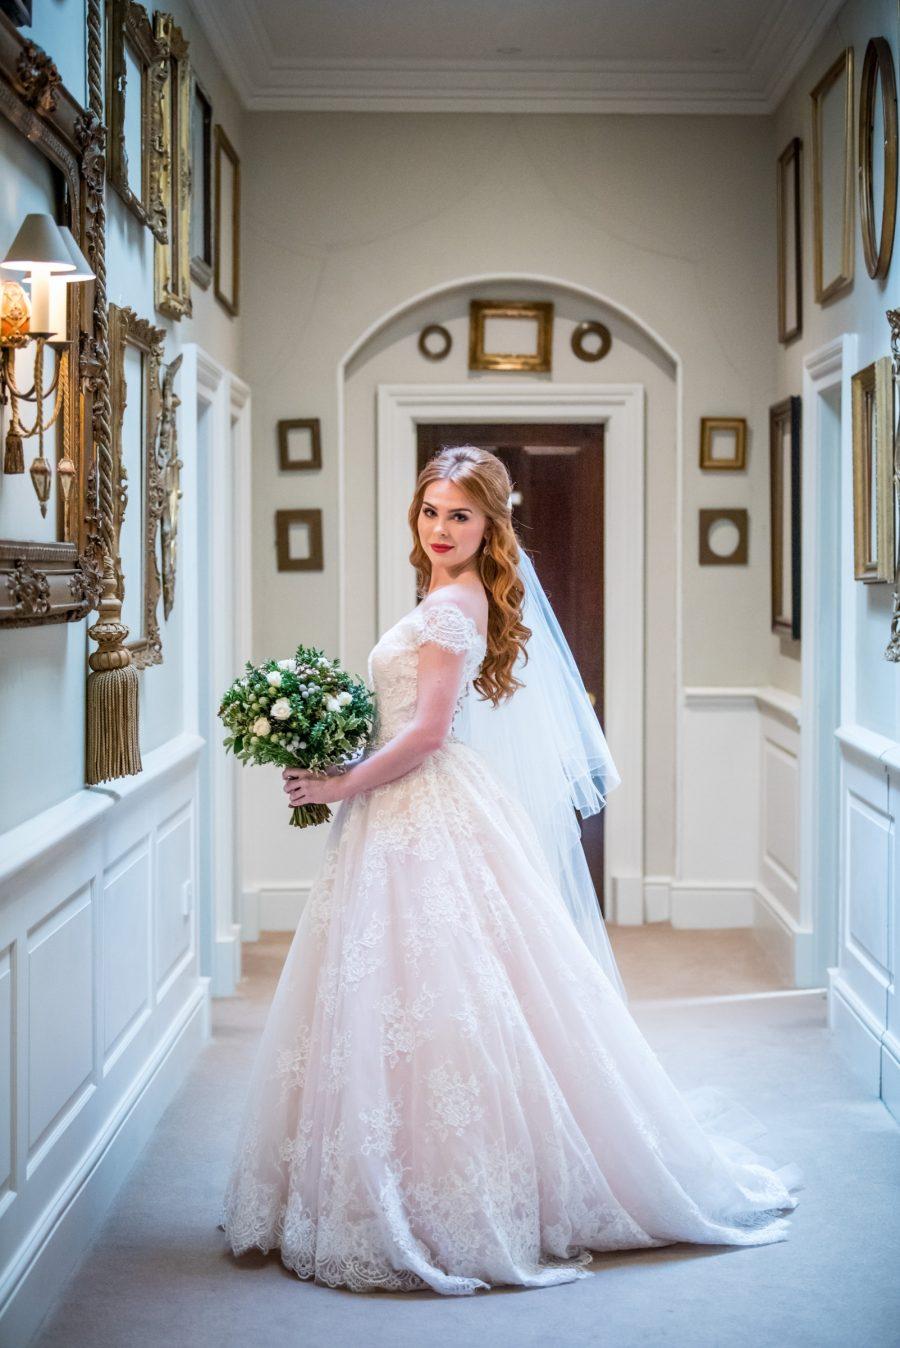 Wedding photograph for Grace & Robert